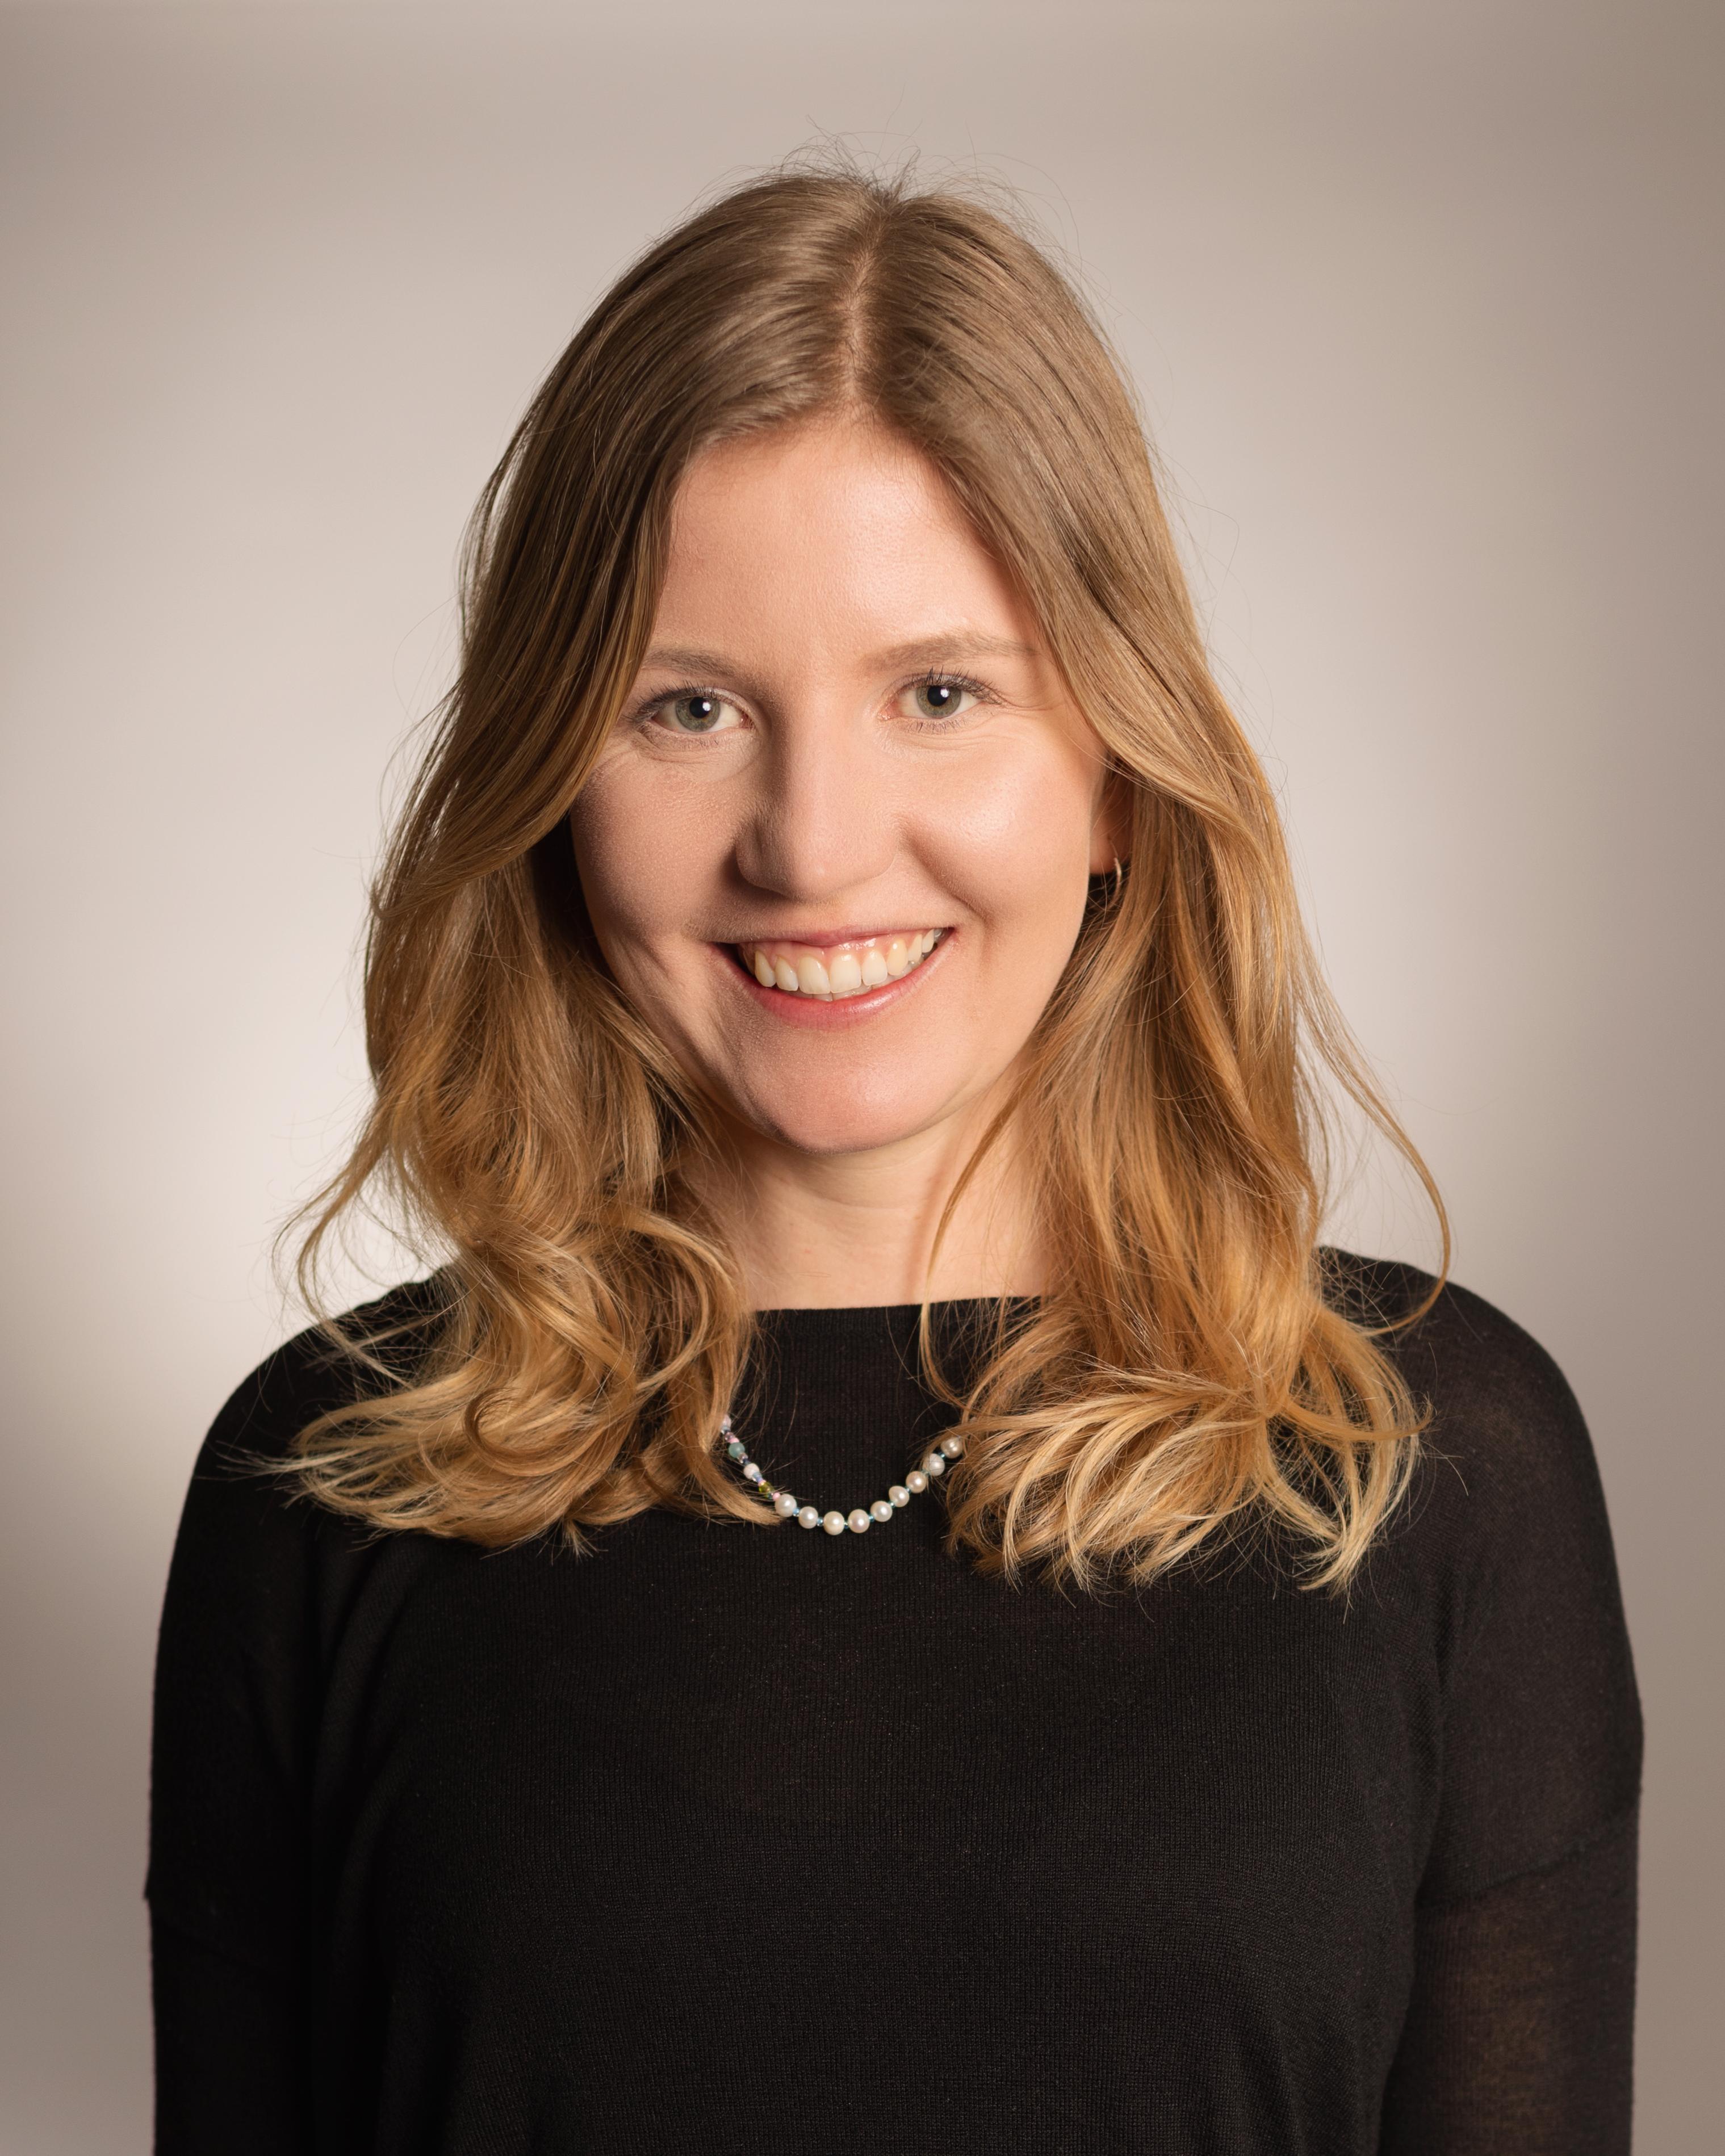 Portrait of Kathleen Nicolaisen